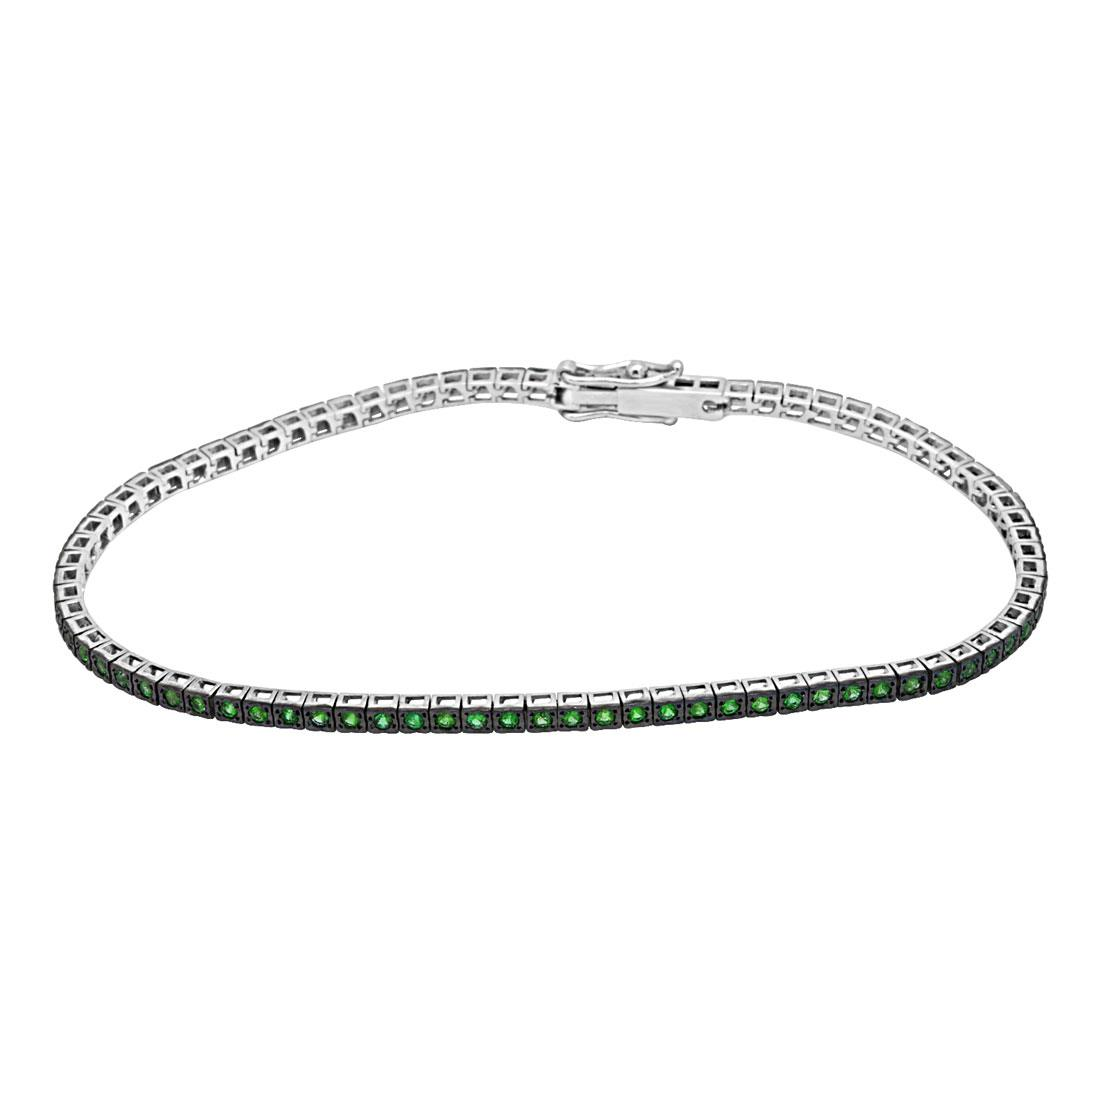 Bracciale tennis in oro bianco con smeraldi ct 0.65 - ALFIERI & ST. JOHN